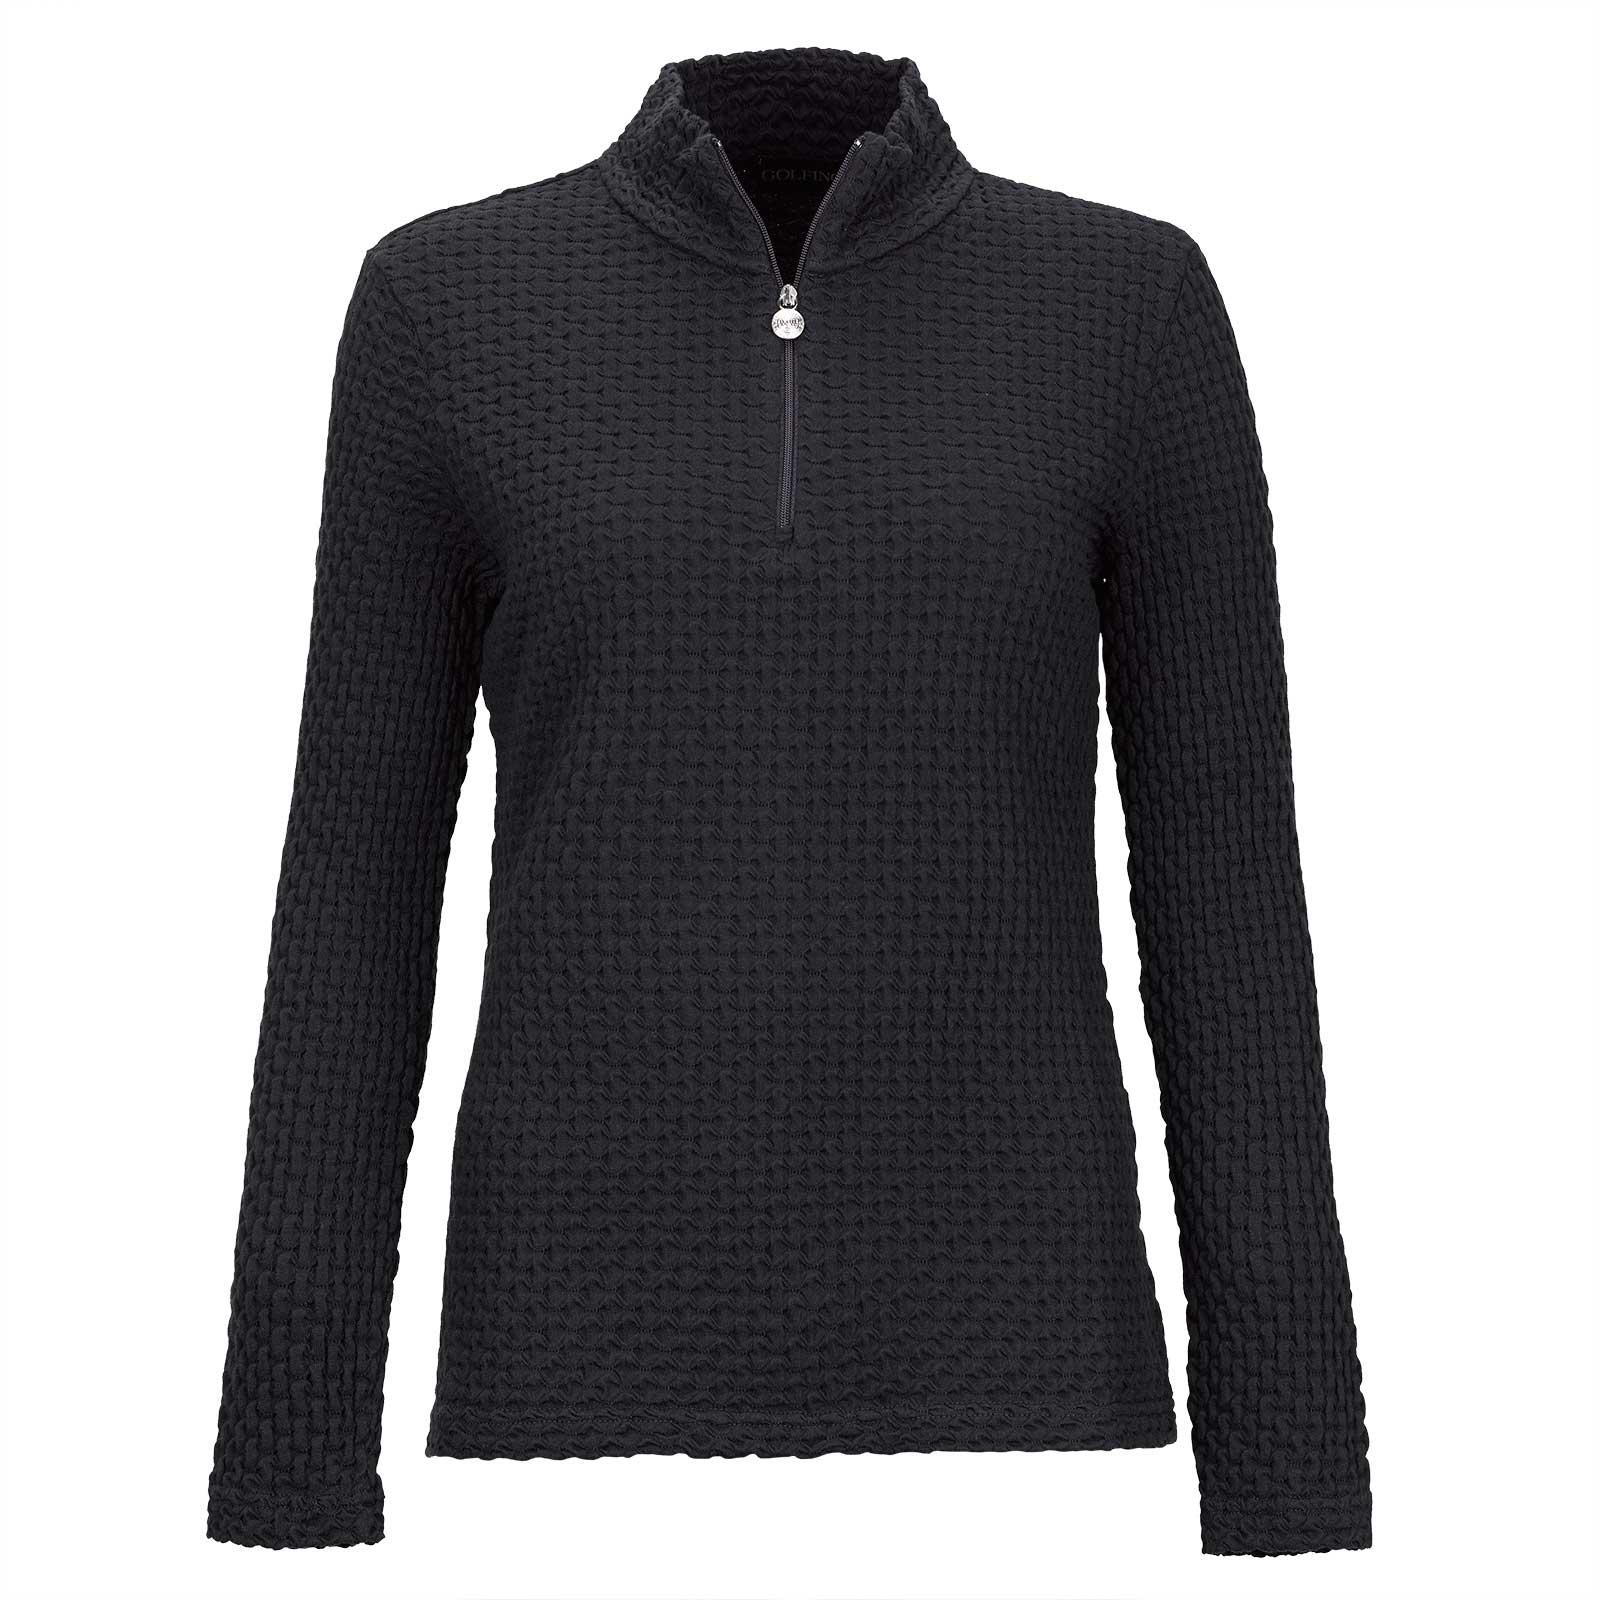 Jersey con cremallera elástica funcional estampado de algodón de mujer en corte ajustado